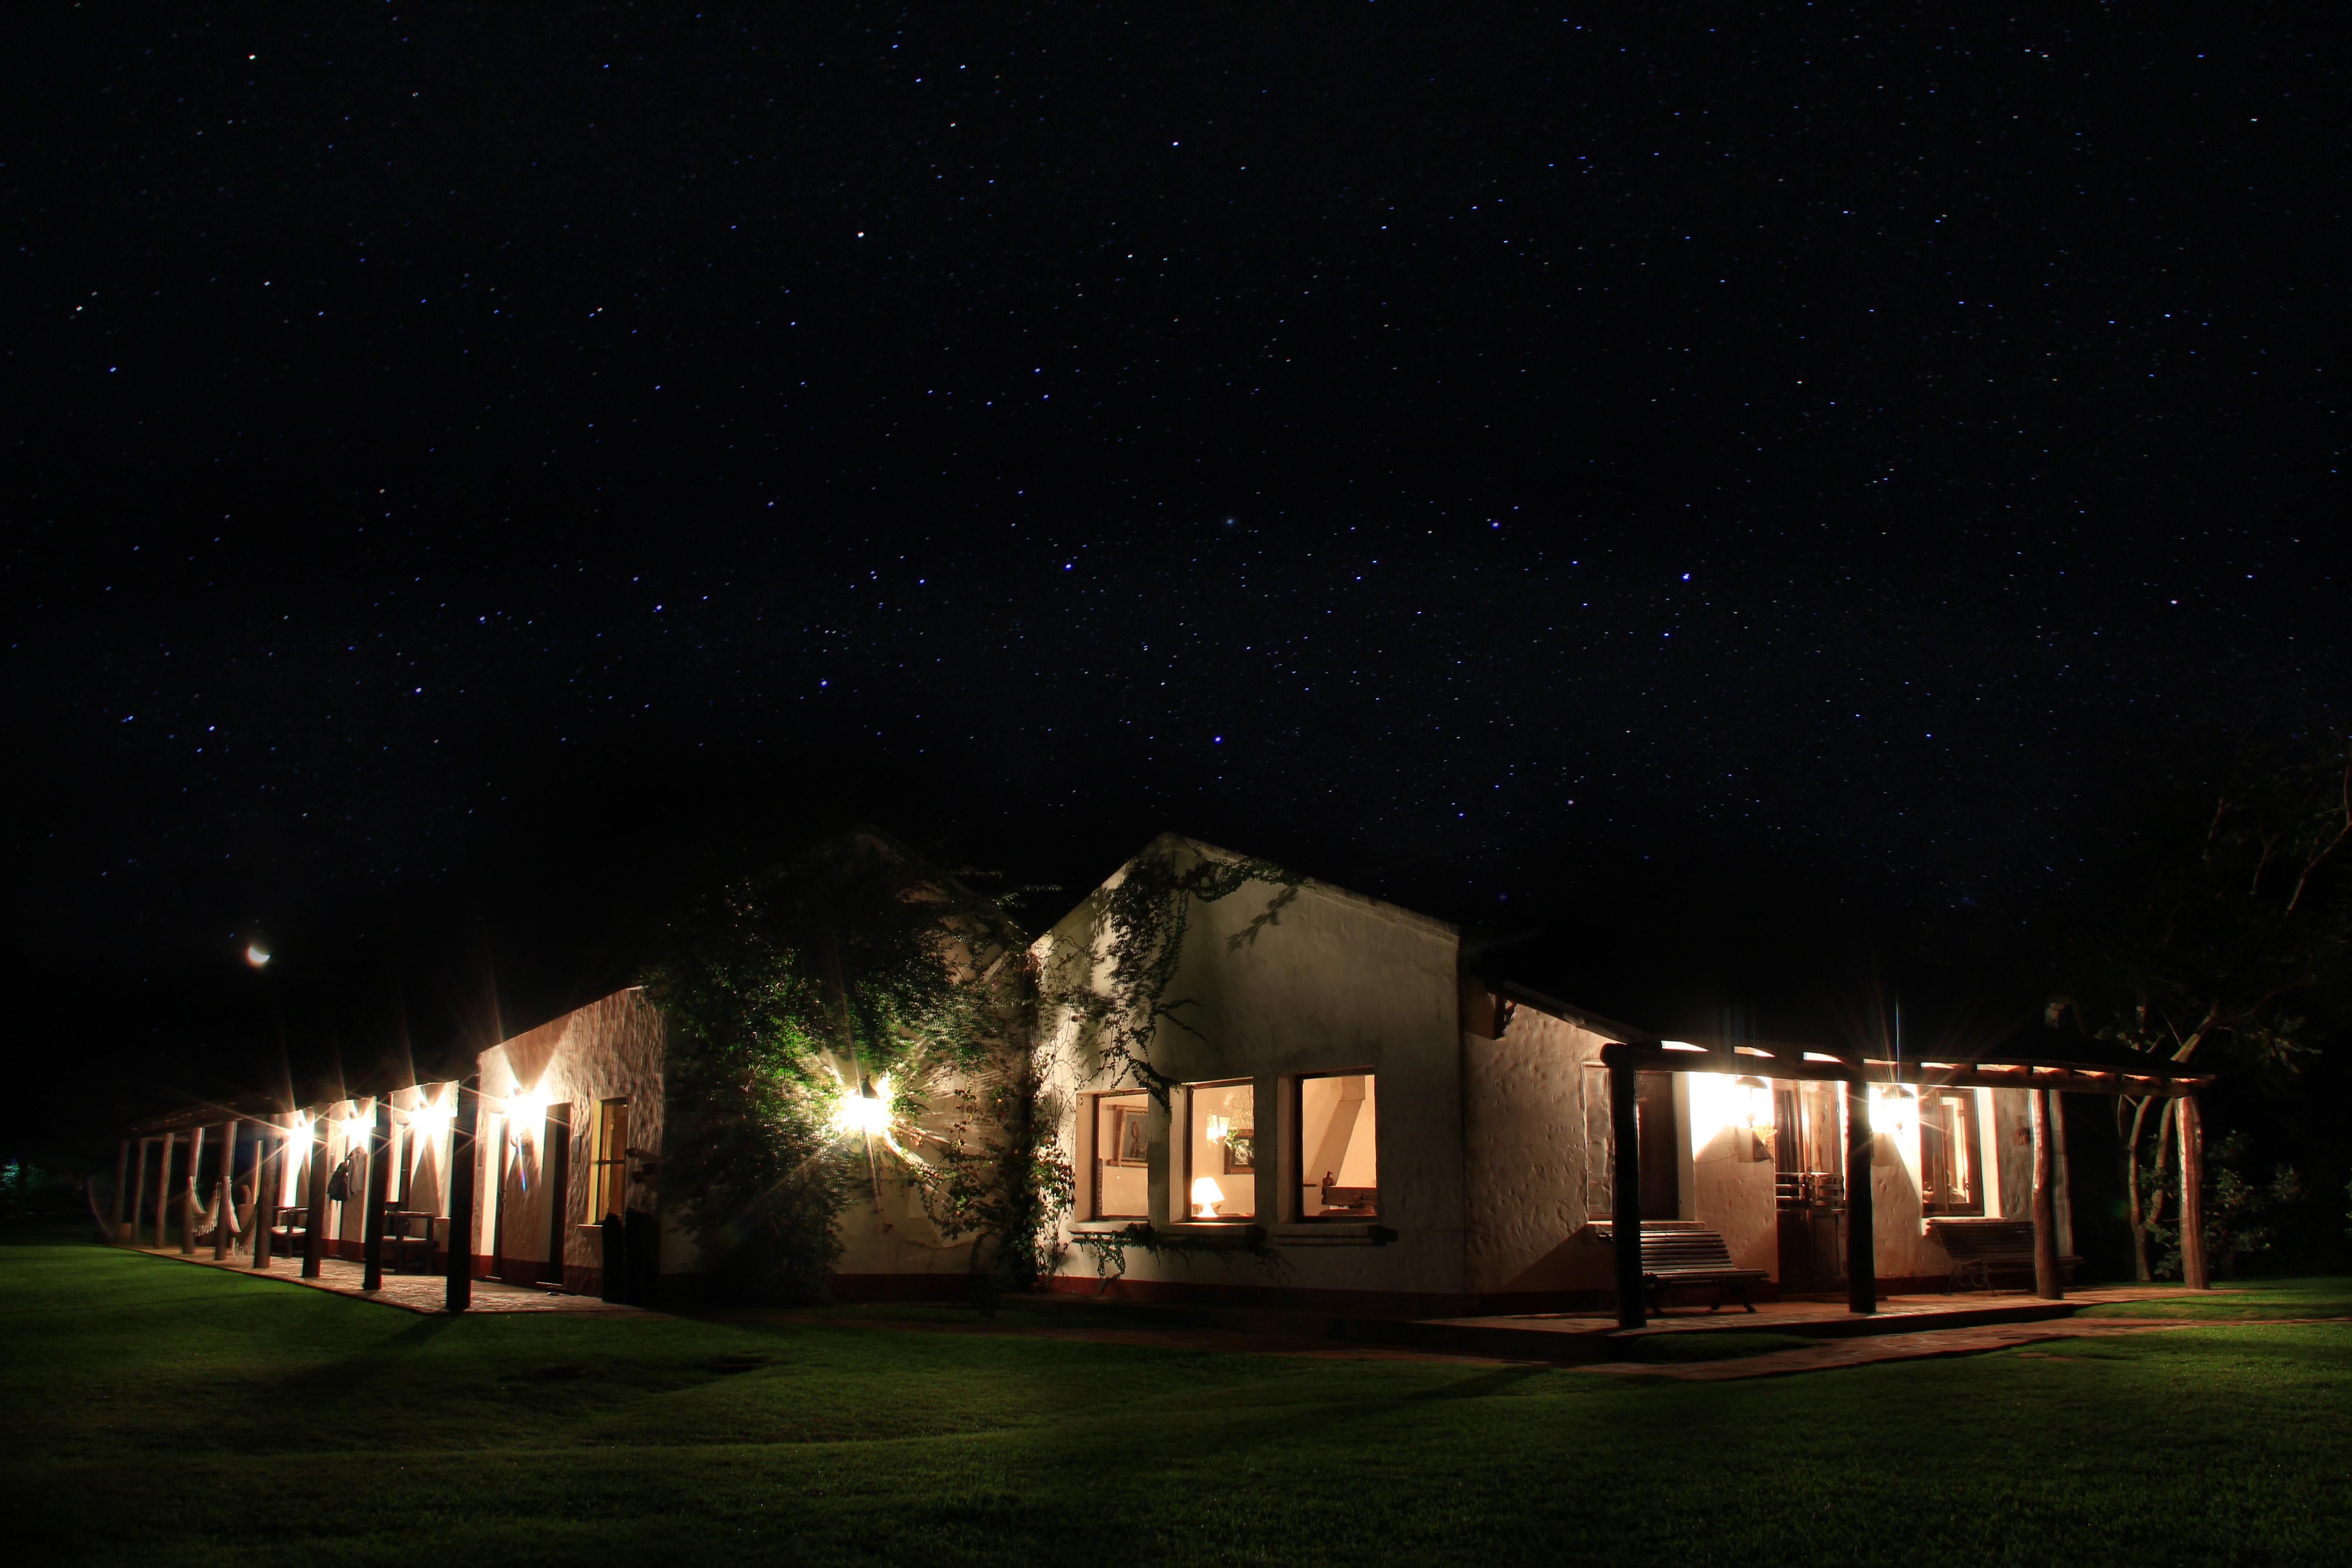 Esteros del Ibera - Aguape Lodge (11)